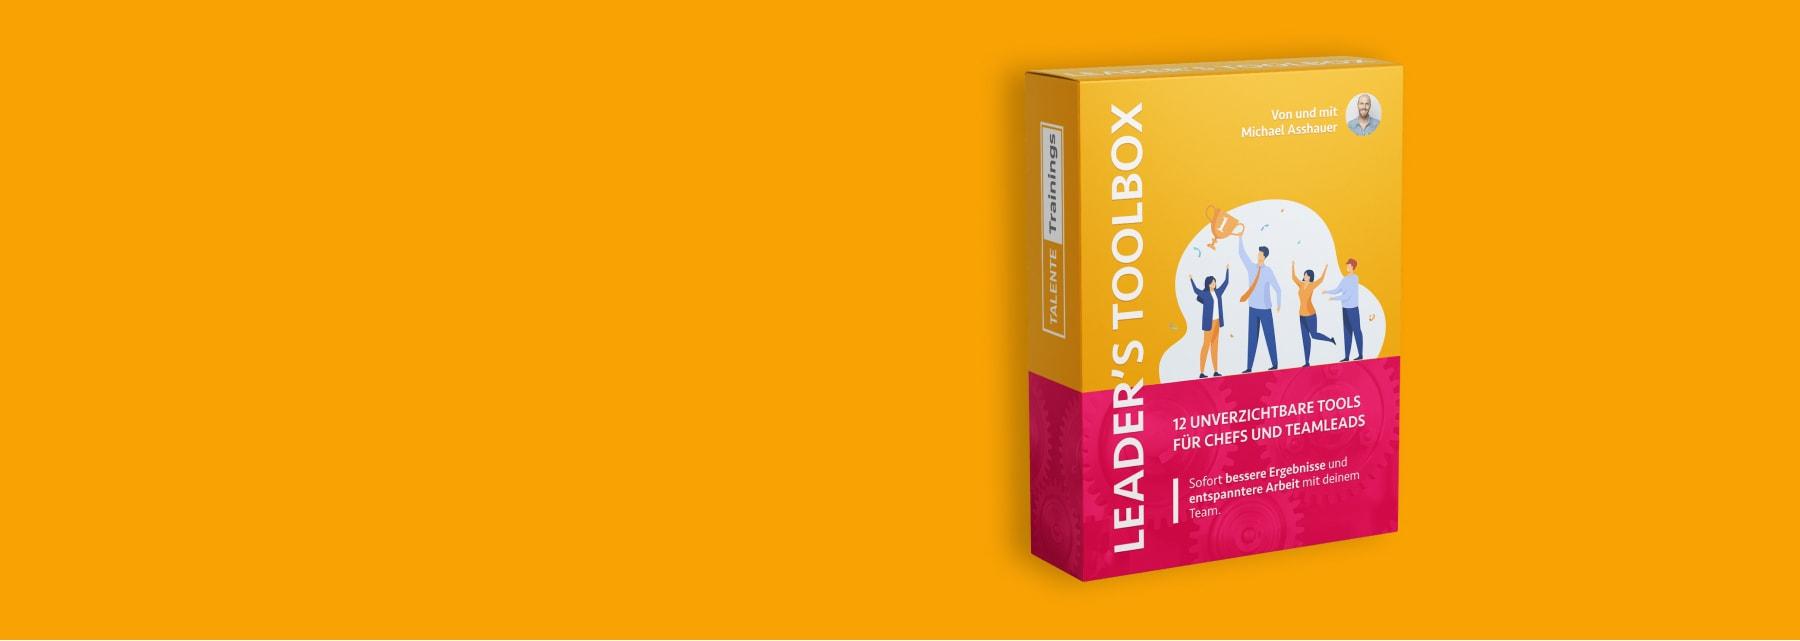 Leader's Toolbox Training von Michael Asshauer: 12 genial-simple Tools für beste Team-Ergebnisse und entspannte Arbeit als Chef, Manager oder Team-Lead